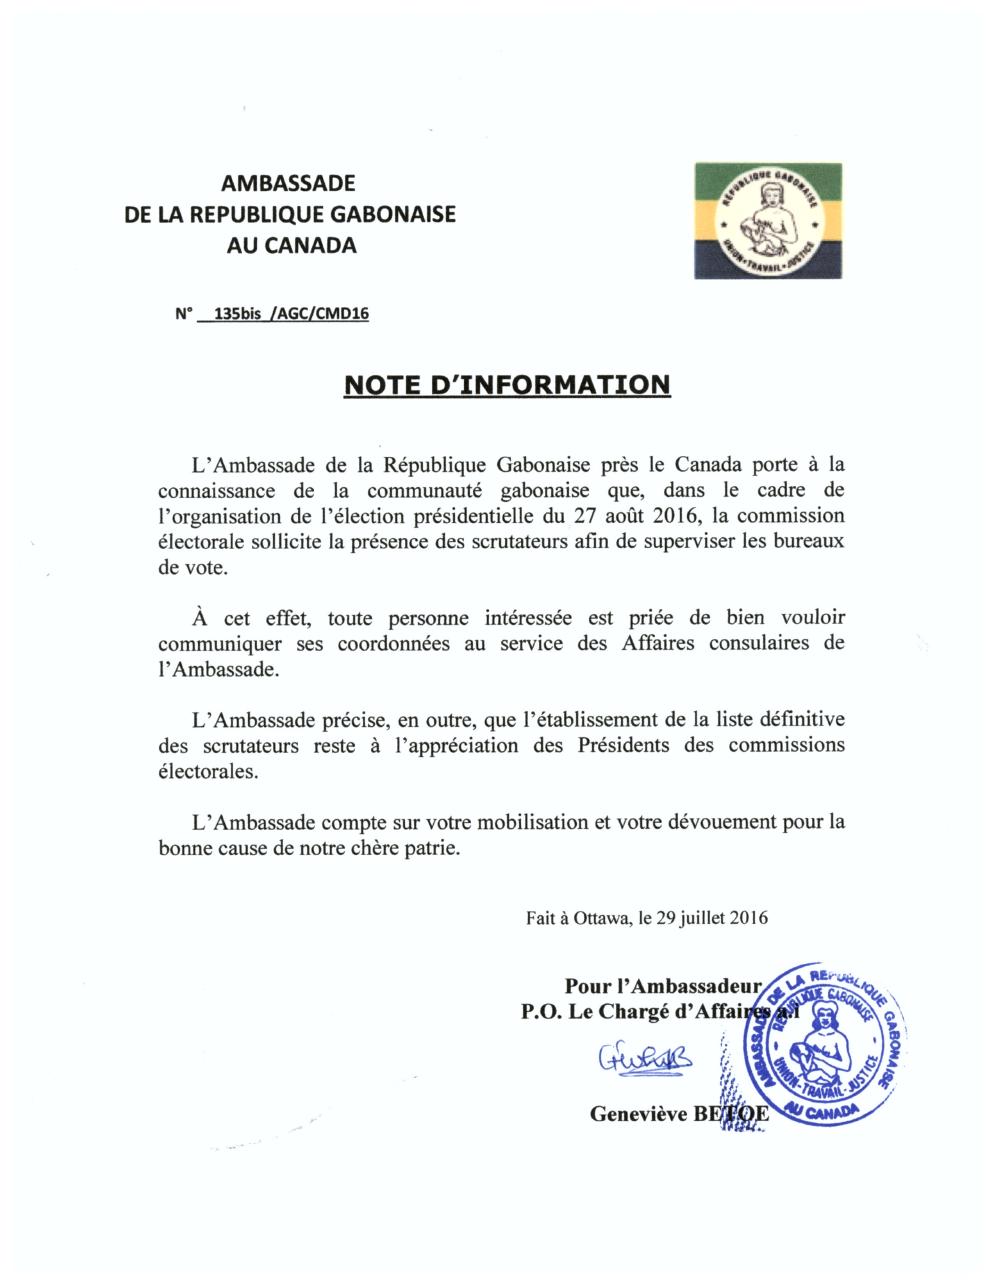 Communauté Gabonaise du Canada, relative à la présence de Scrutateurs afin de superviser les bureaux de vote.